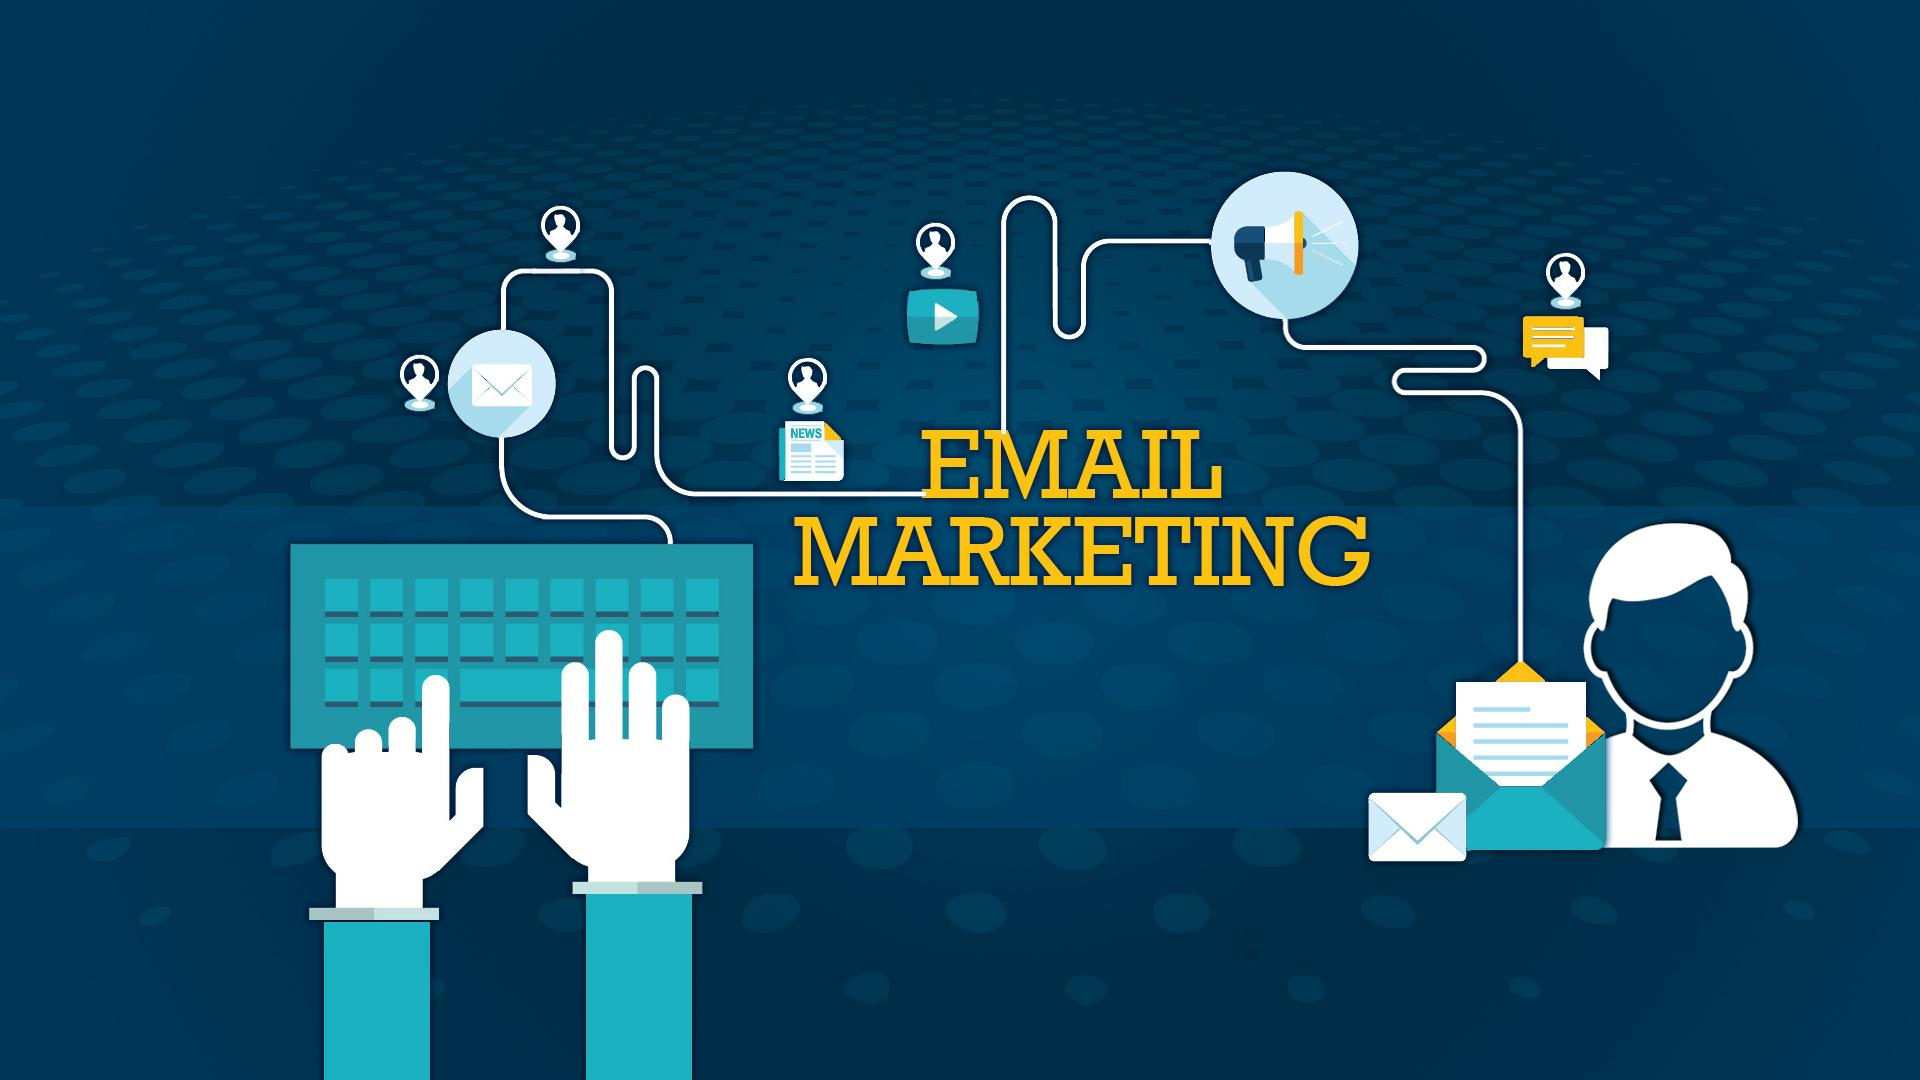 """""""EMAIL MARKETING - Thấu hiểu để tối ưu"""" - Đừng bao giờ xem nhẹ Email Marketing"""